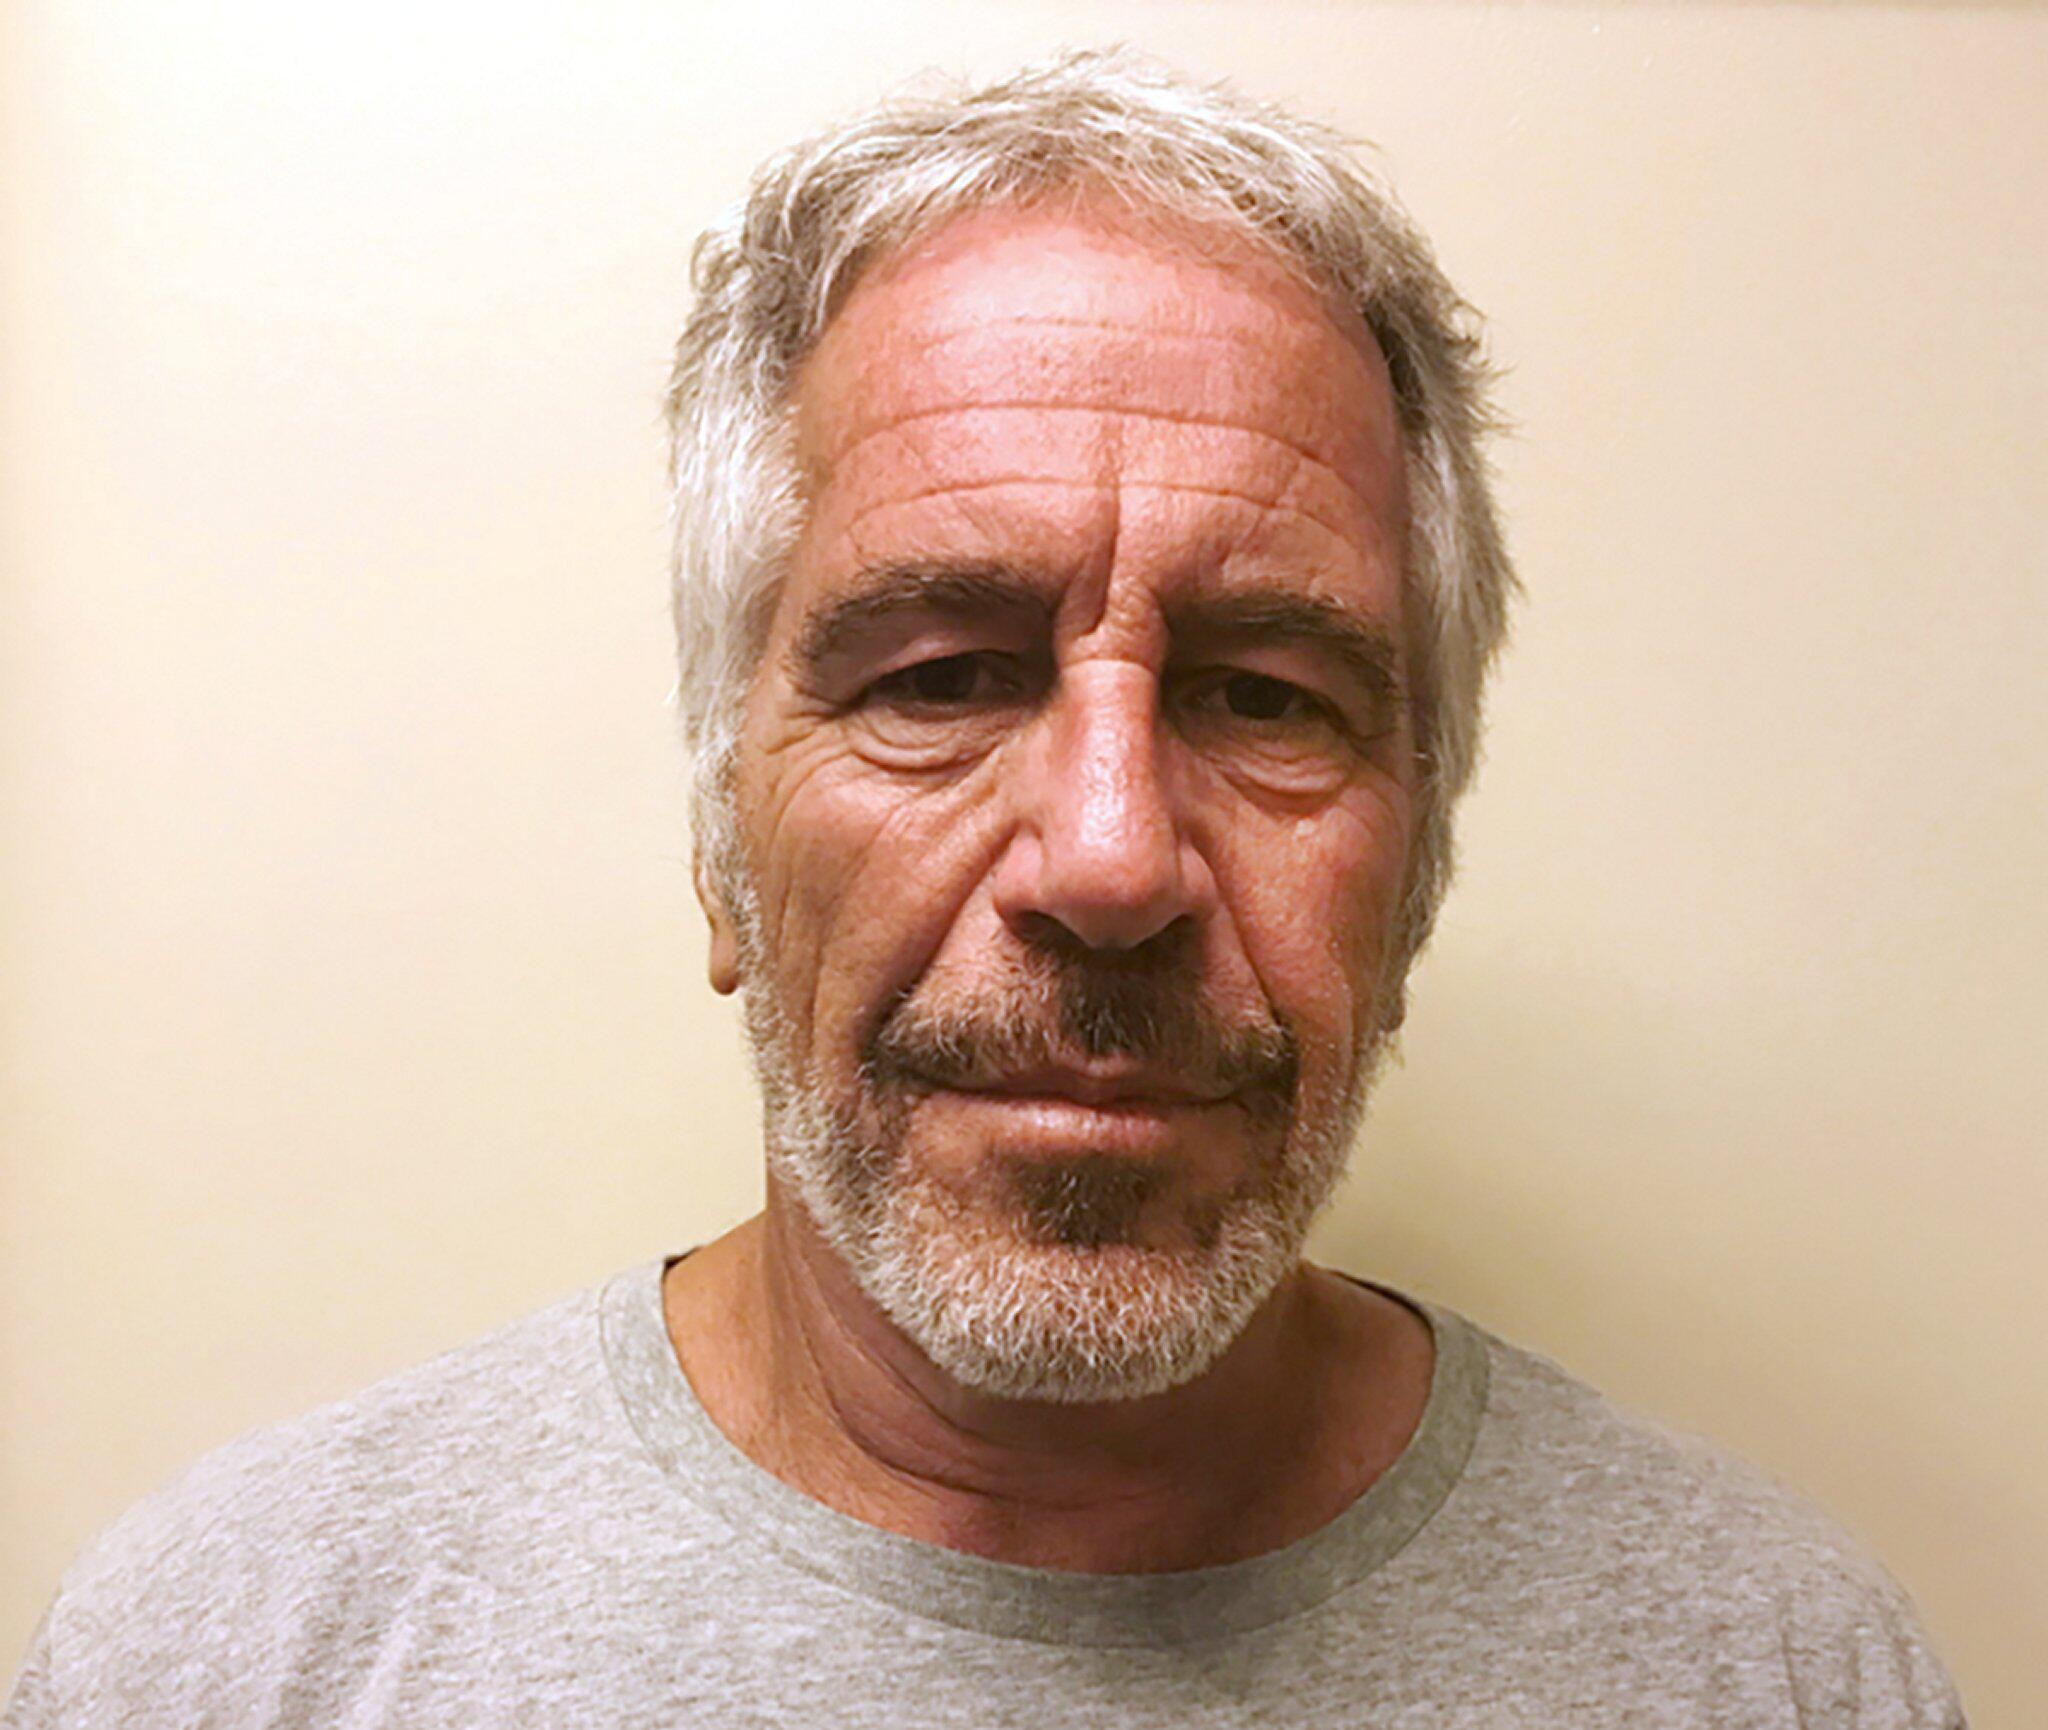 Bild zu Fall Epstein